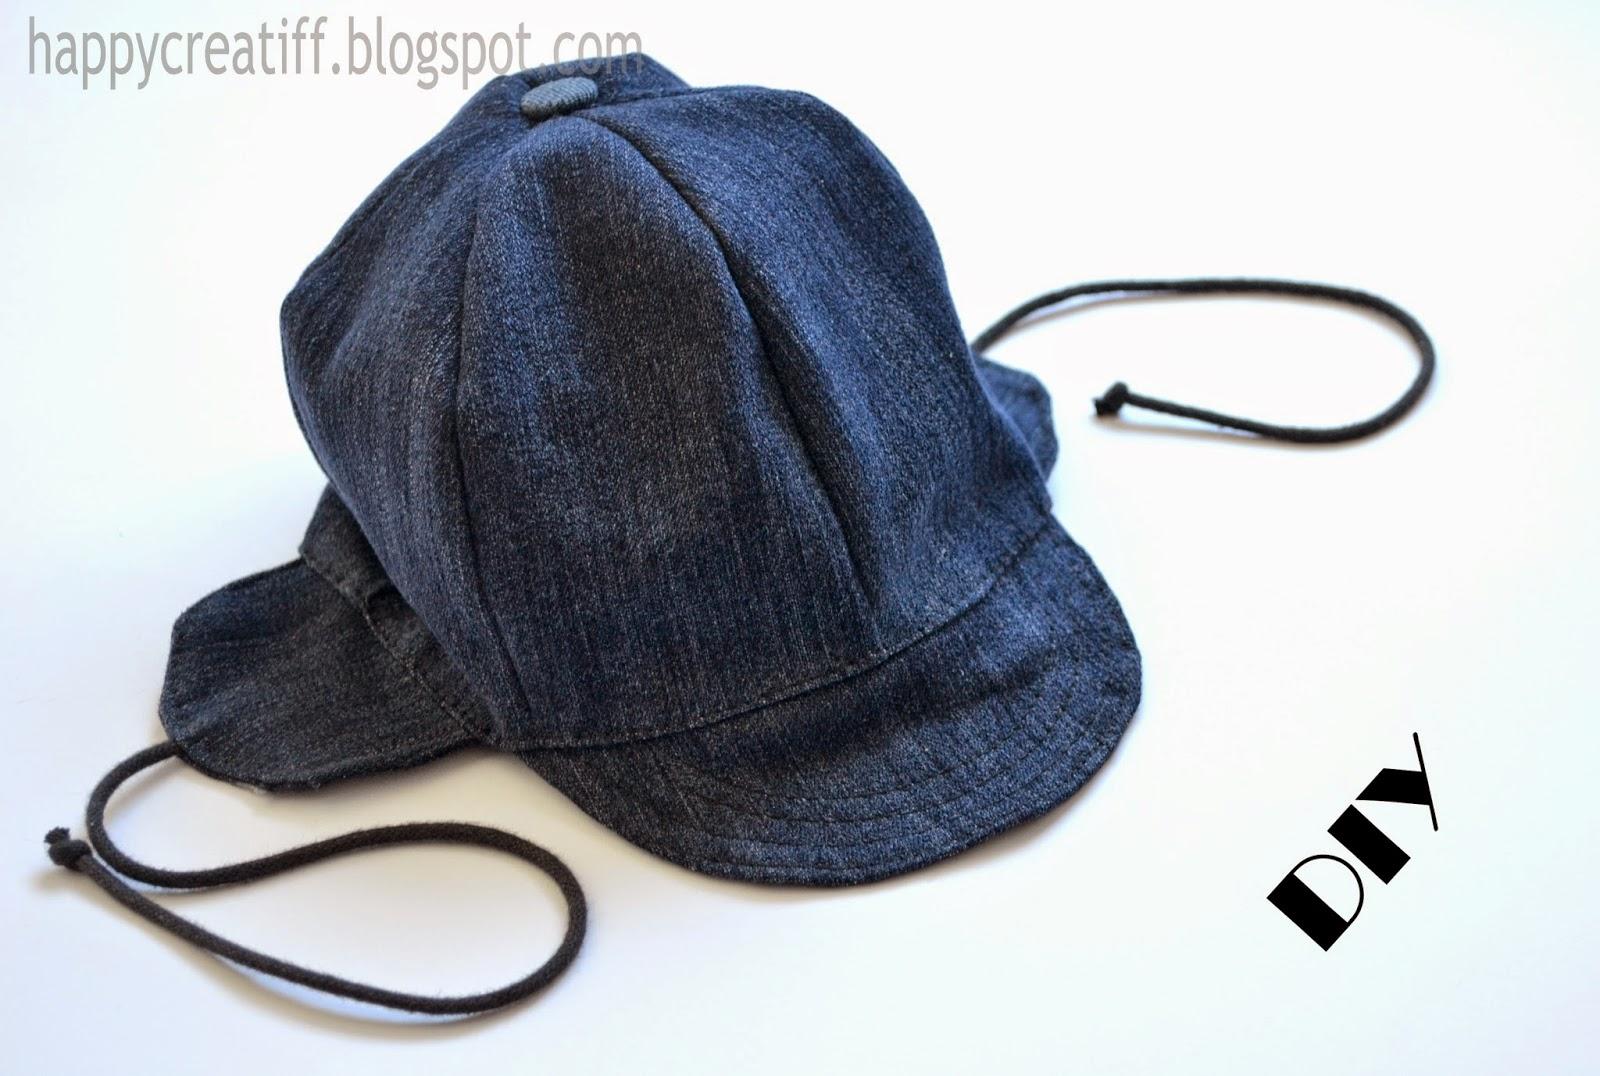 http://happycreatiff.blogspot.com/2014/11/diy-dziecieca-czapka-z-jeansu.html